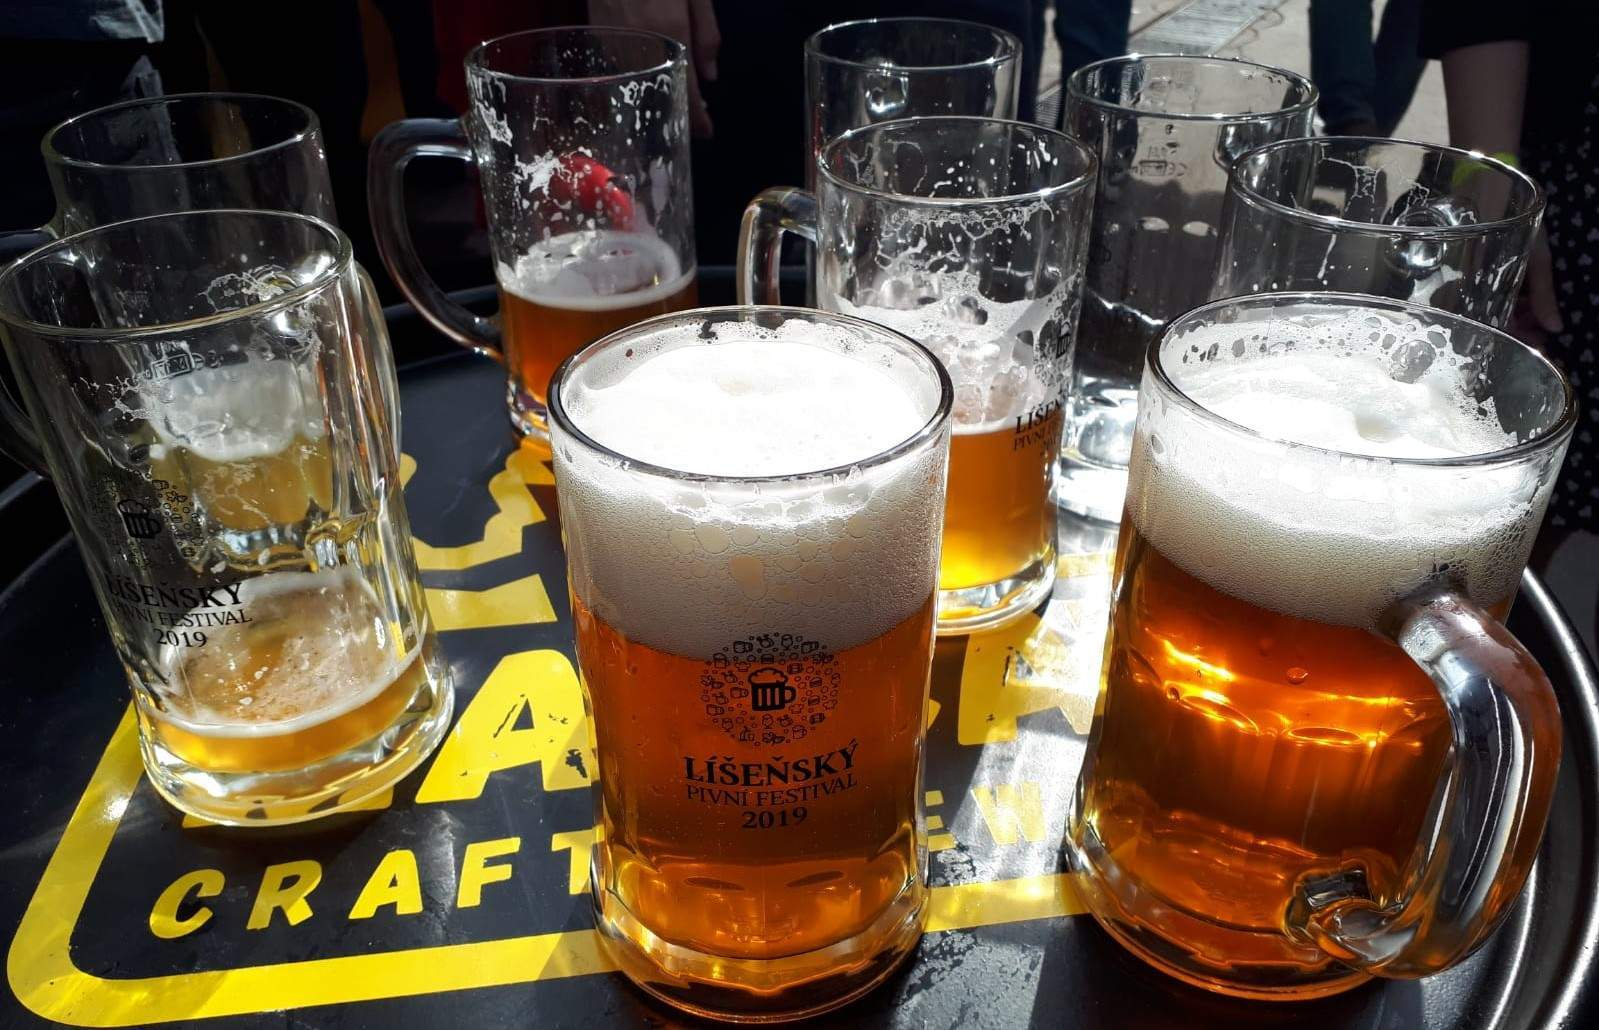 Líšeňský pivní festival. Foto: Lucie Kohoutková